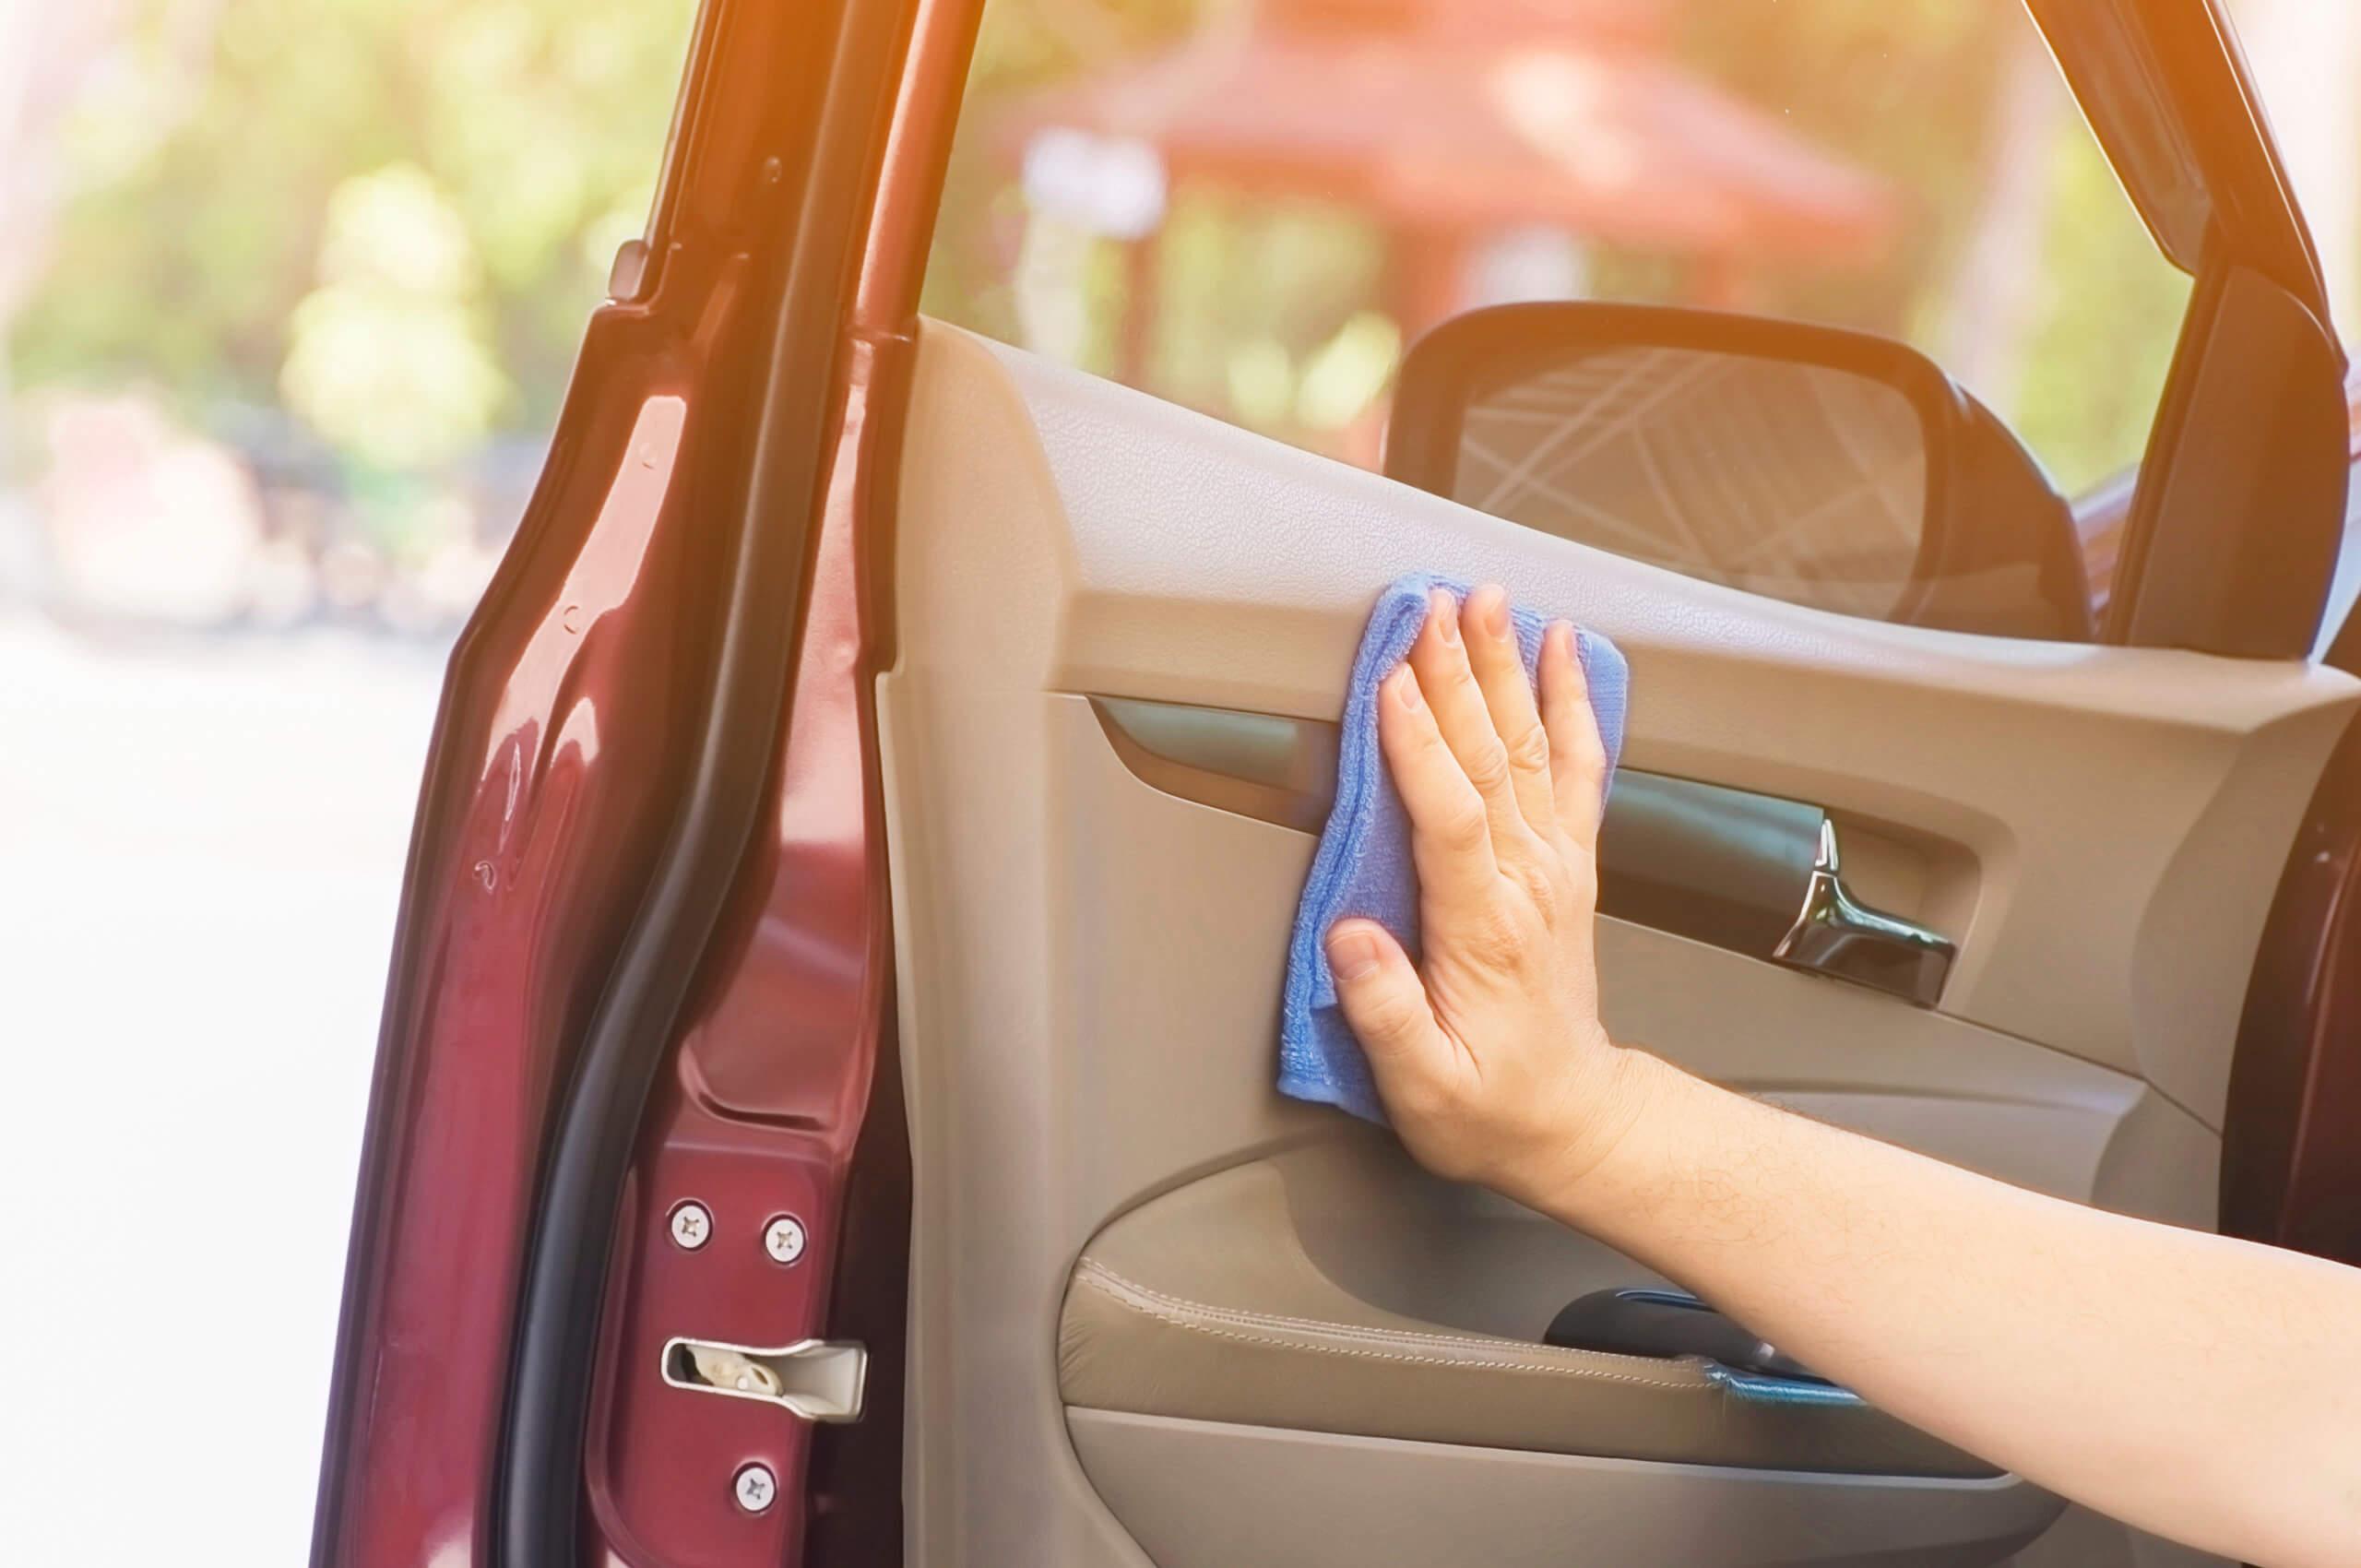 Imagem de uma mão mostrando como higienizar carro adequadamente